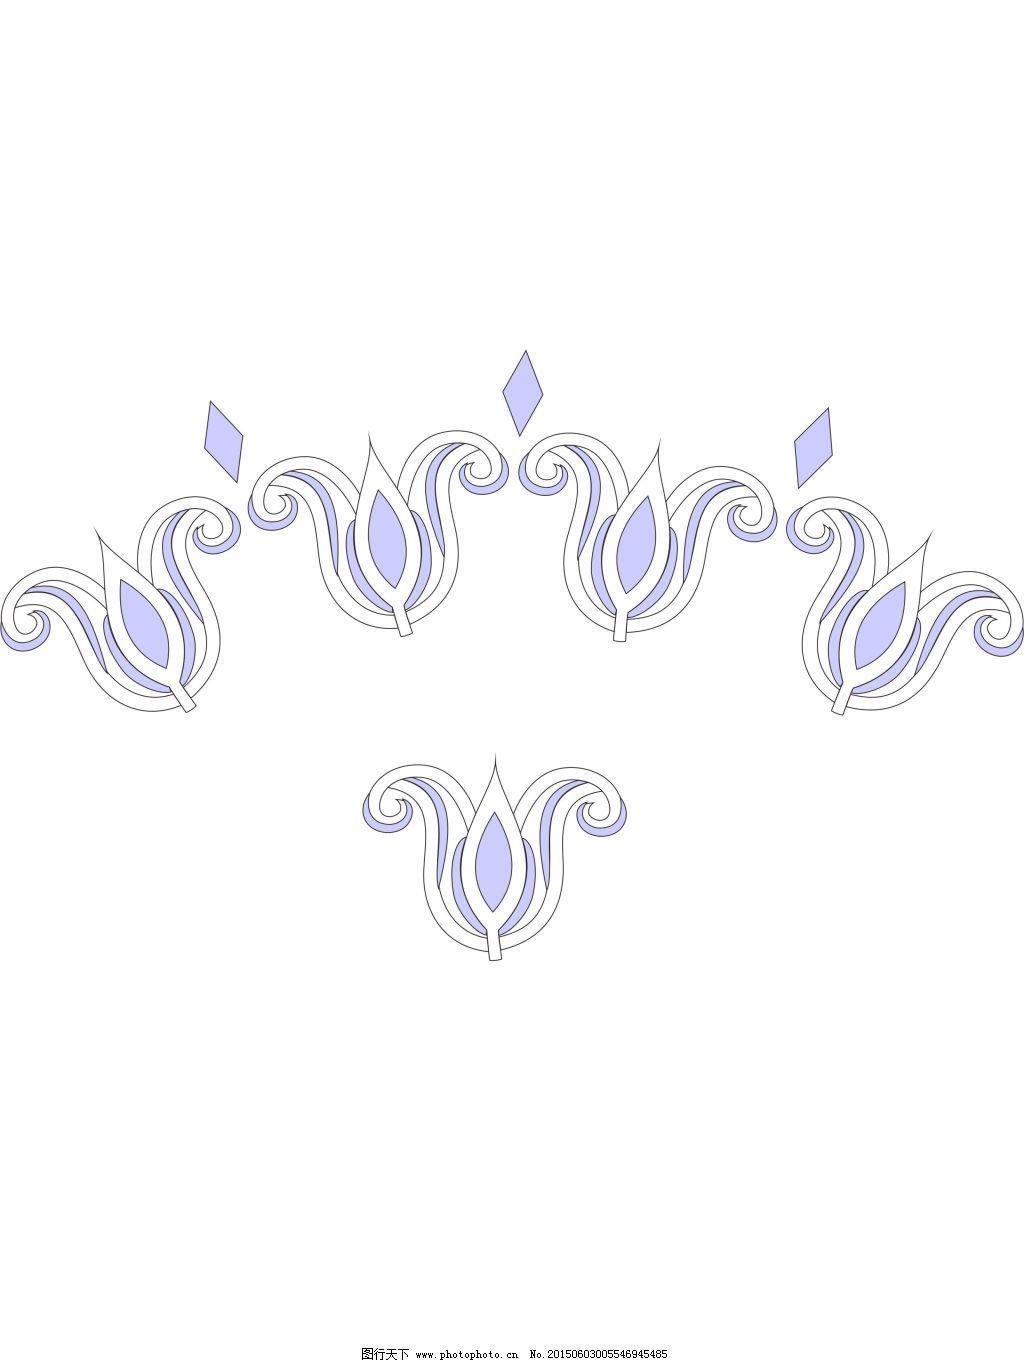 花朵图案免费下载 花边 花朵图案 简笔画 花朵图案 花边 简笔画 矢量